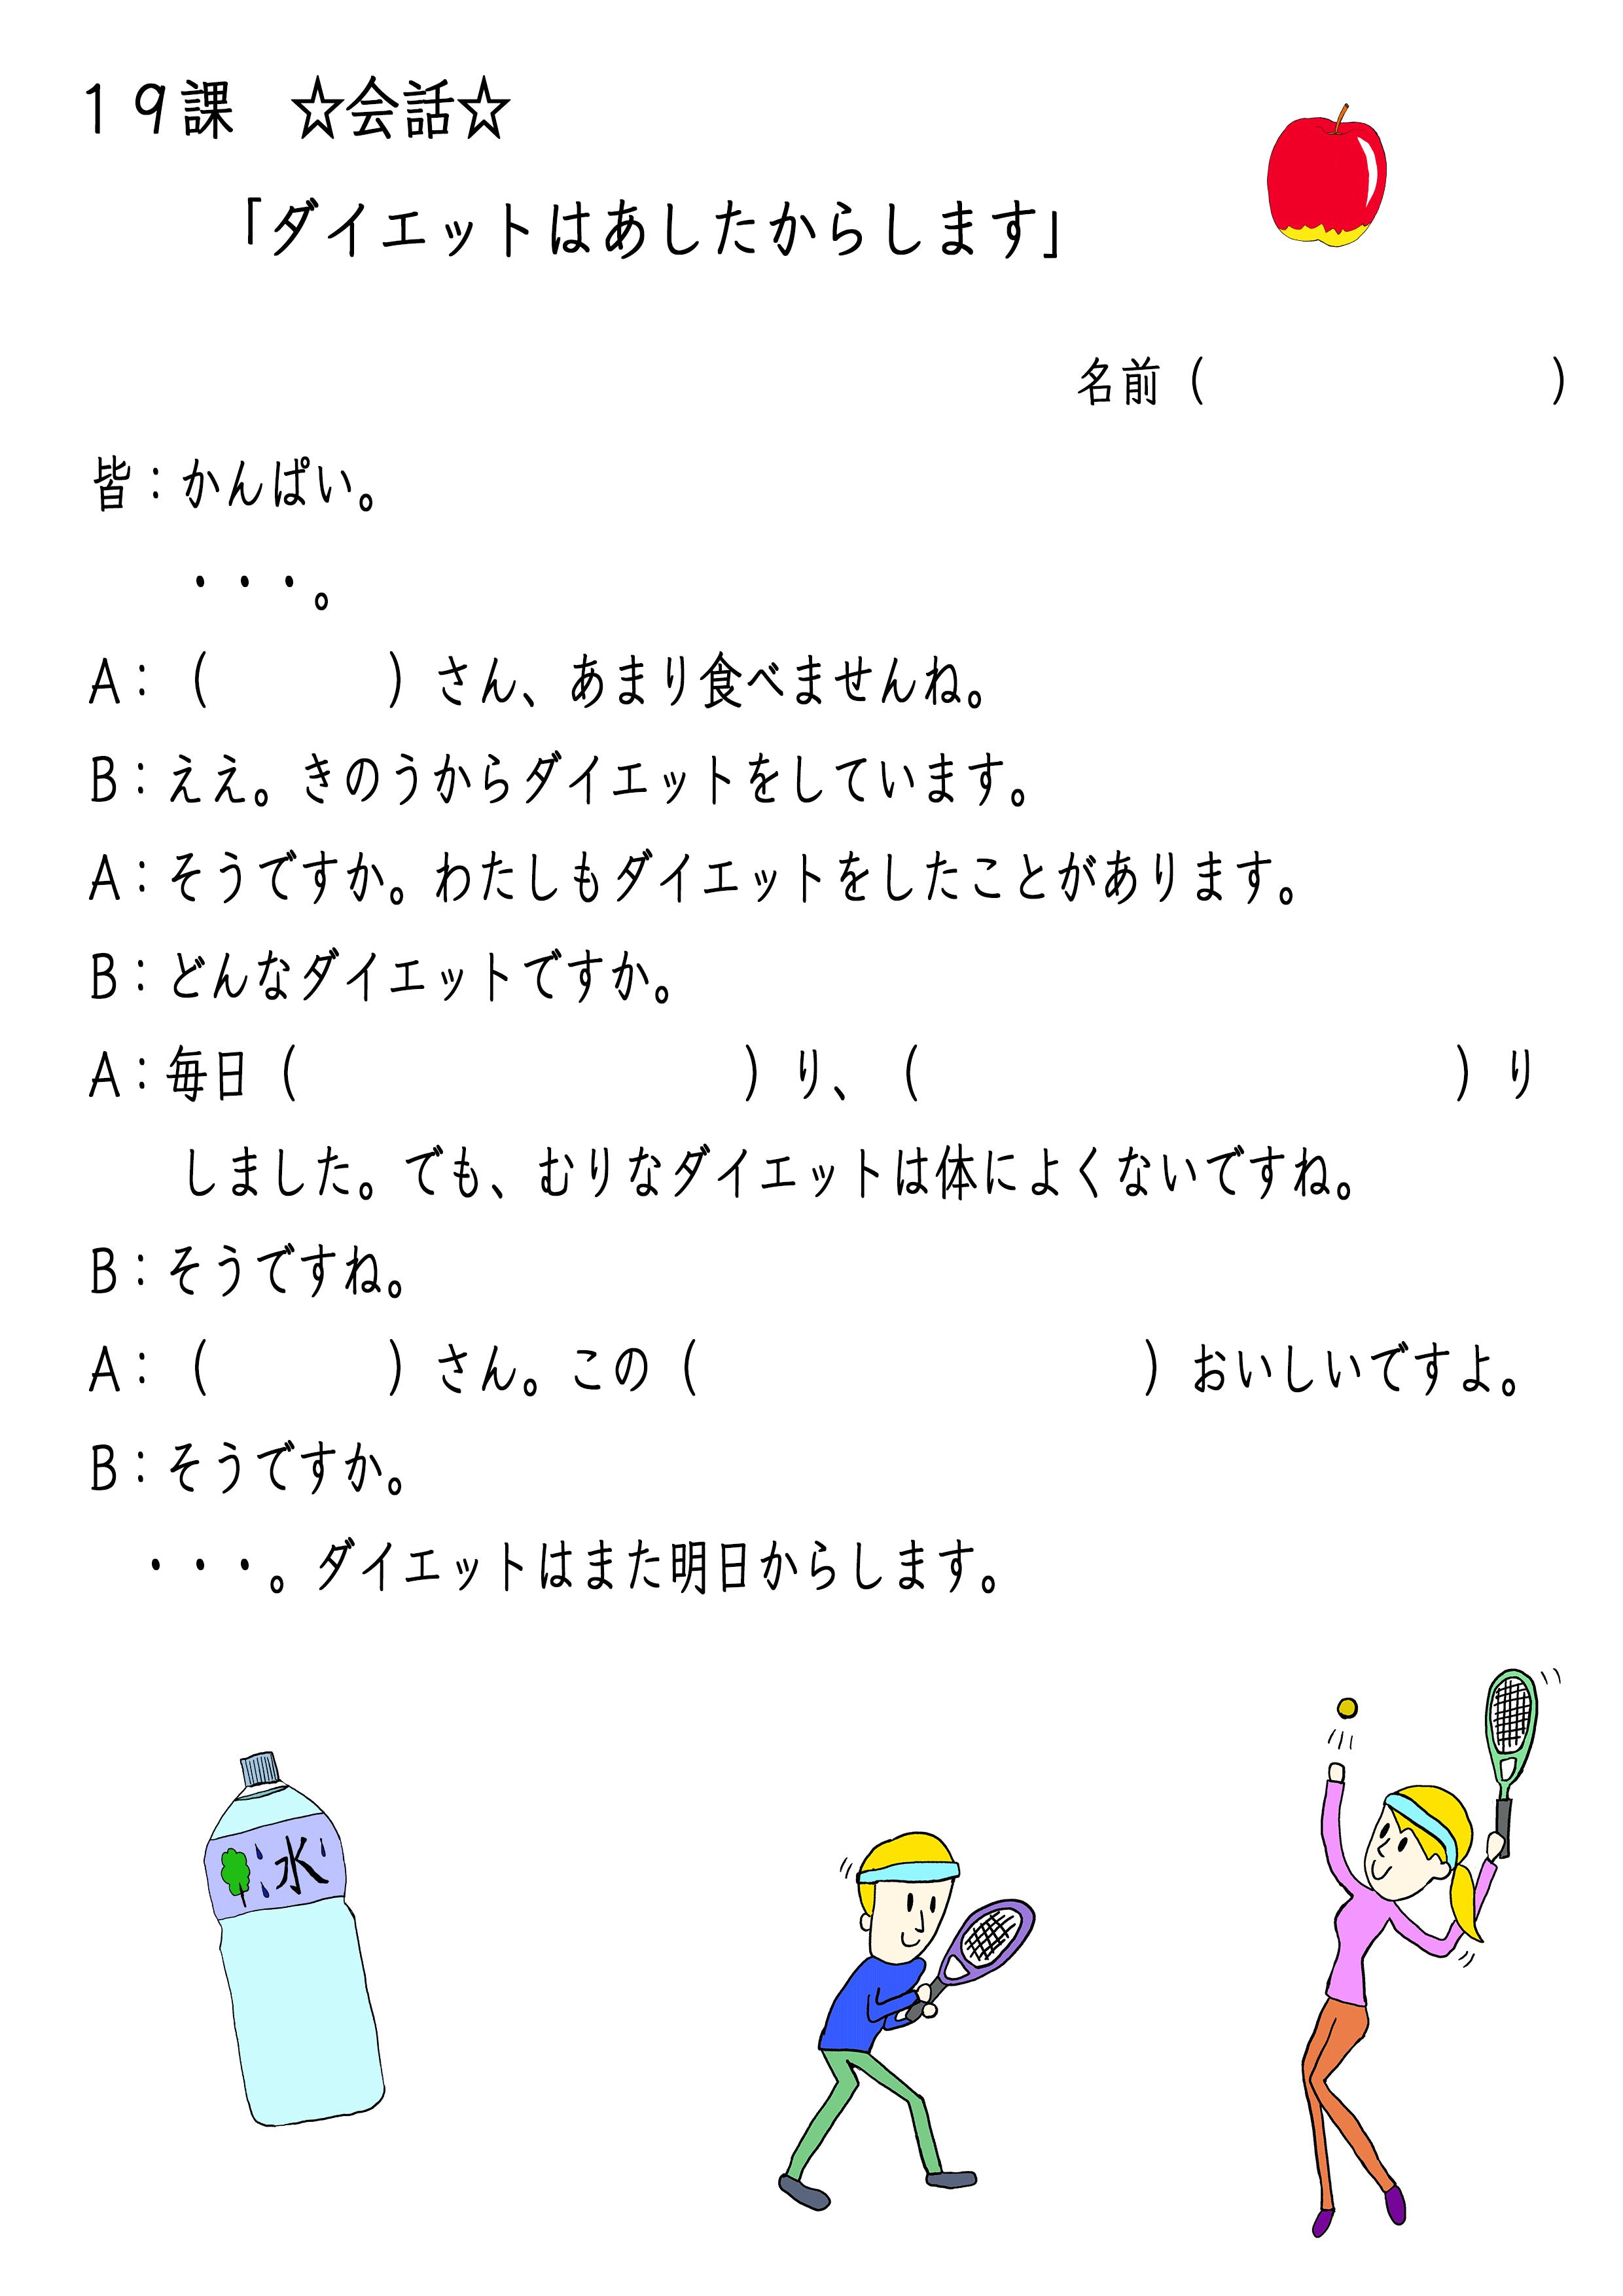 みんなの日本語19課の会話教材